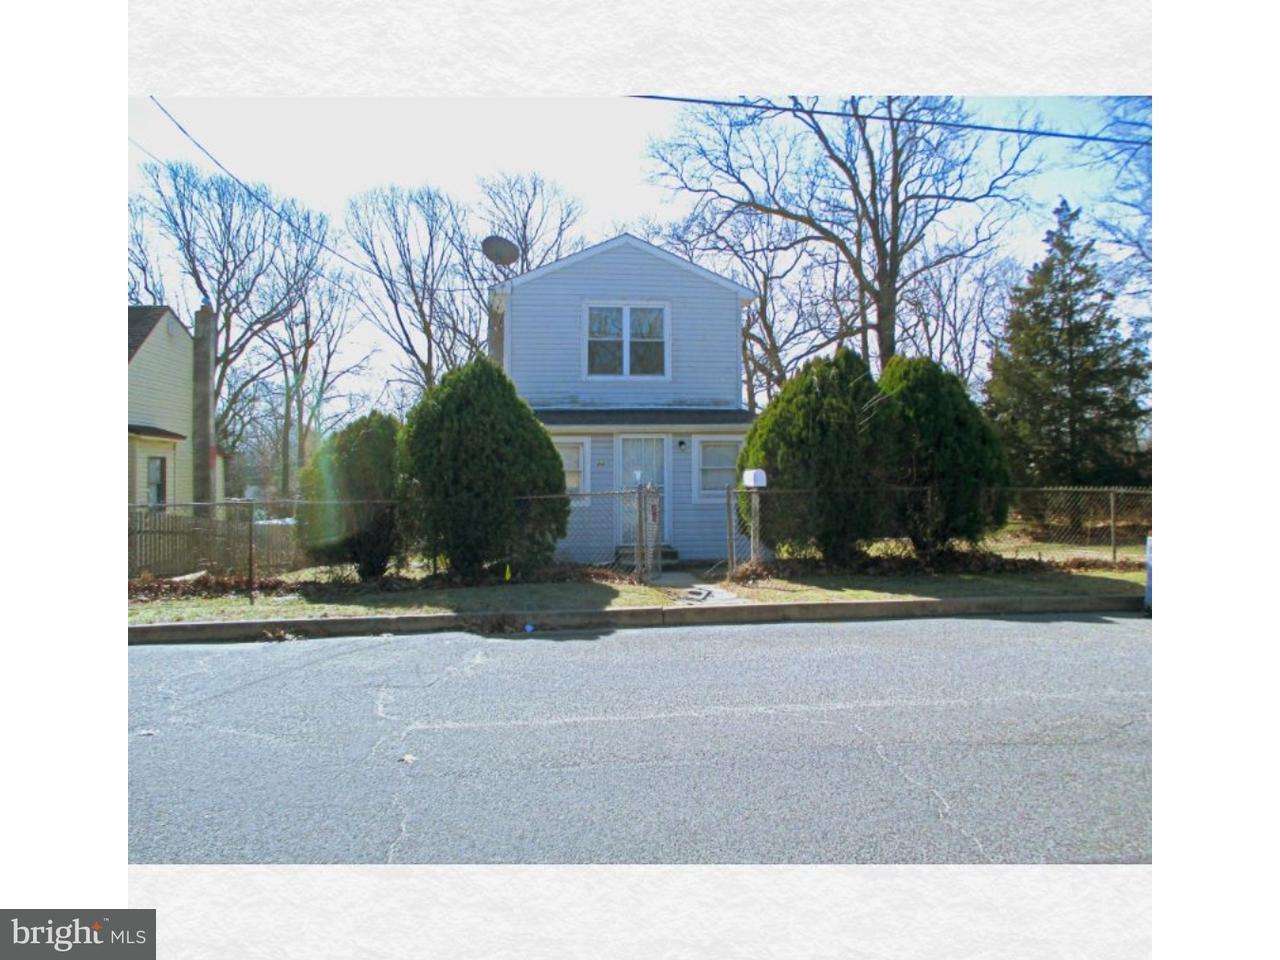 独户住宅 为 出租 在 44 E 4TH Avenue Pine Hill, 新泽西州 08021 美国